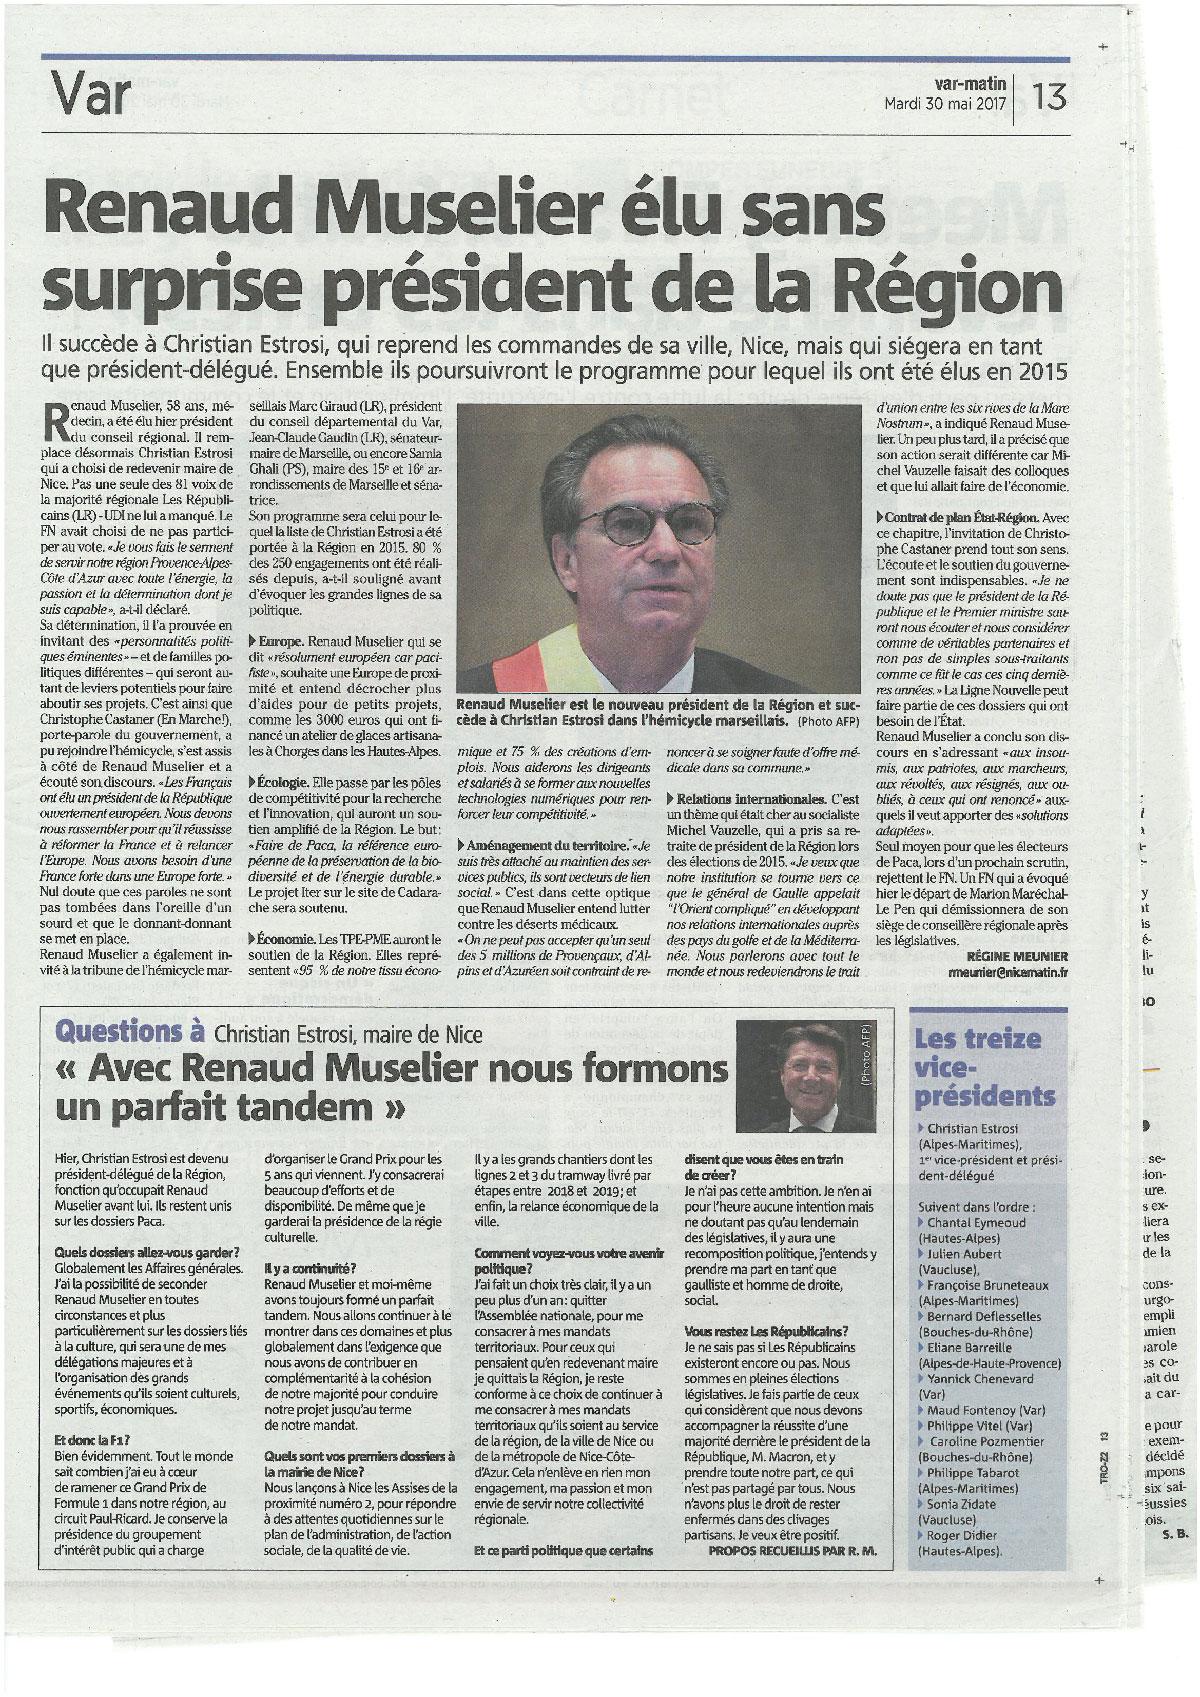 30/05/2017 - Var Matin - Renaud Muselier élu sans surprise président de la Région